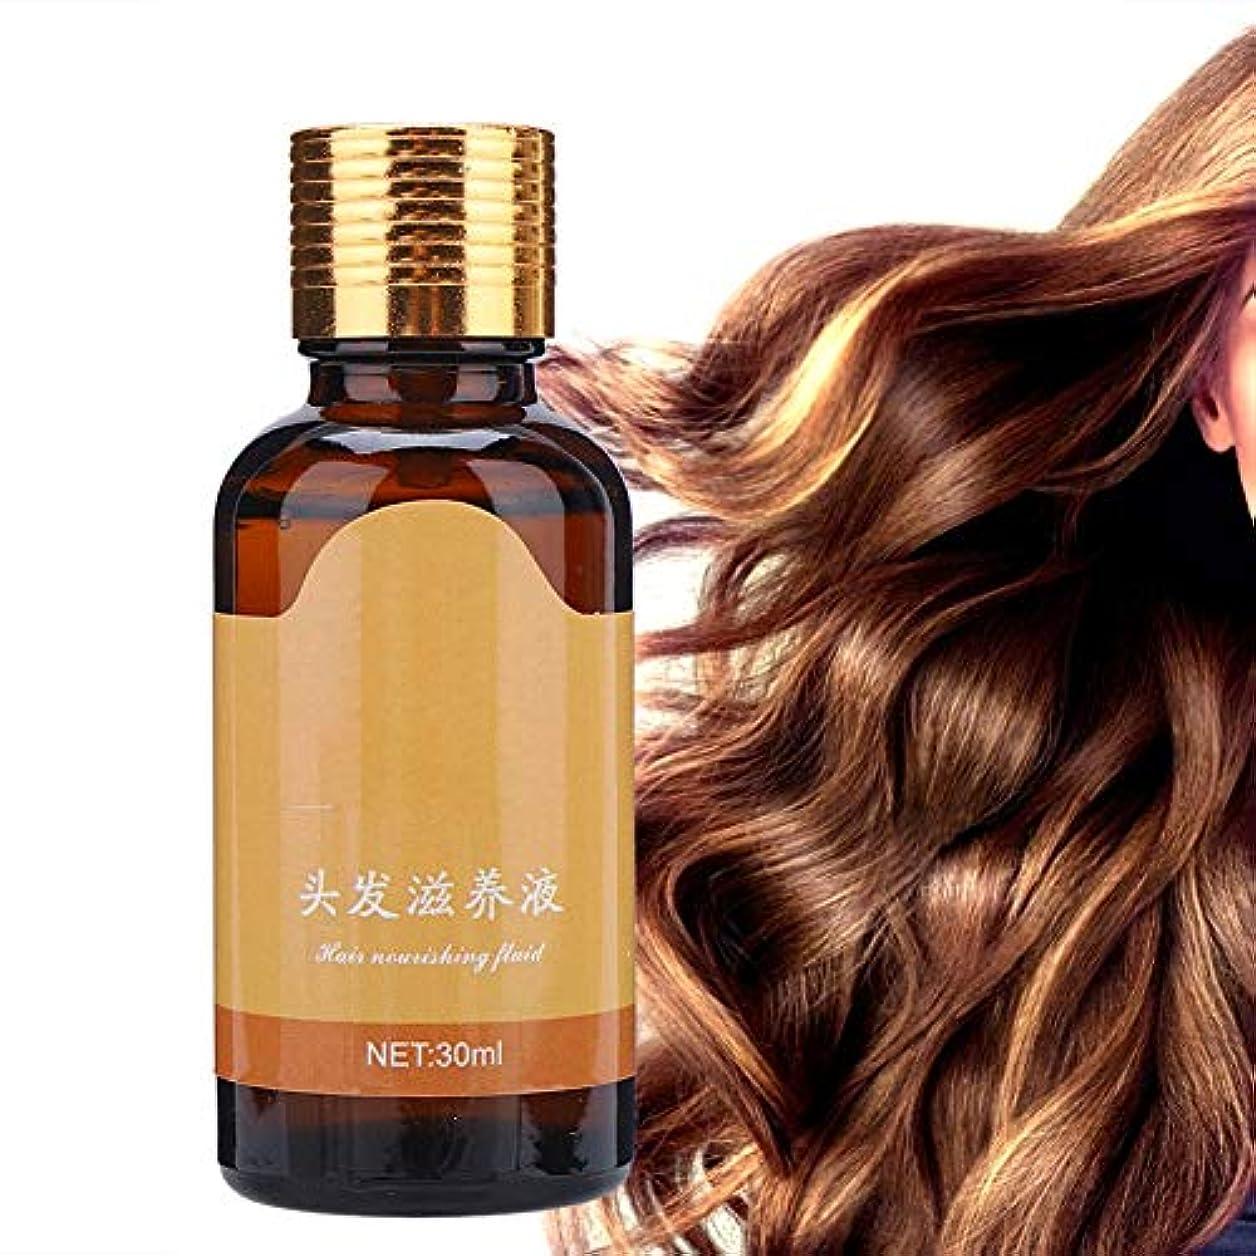 困惑変なアサート髪に栄養を与えるリキッド、アンチ脱毛エッセンス髪に栄養を与える速い成長エッセンス脱毛トリートメントオイルコントロールリキッド30ml